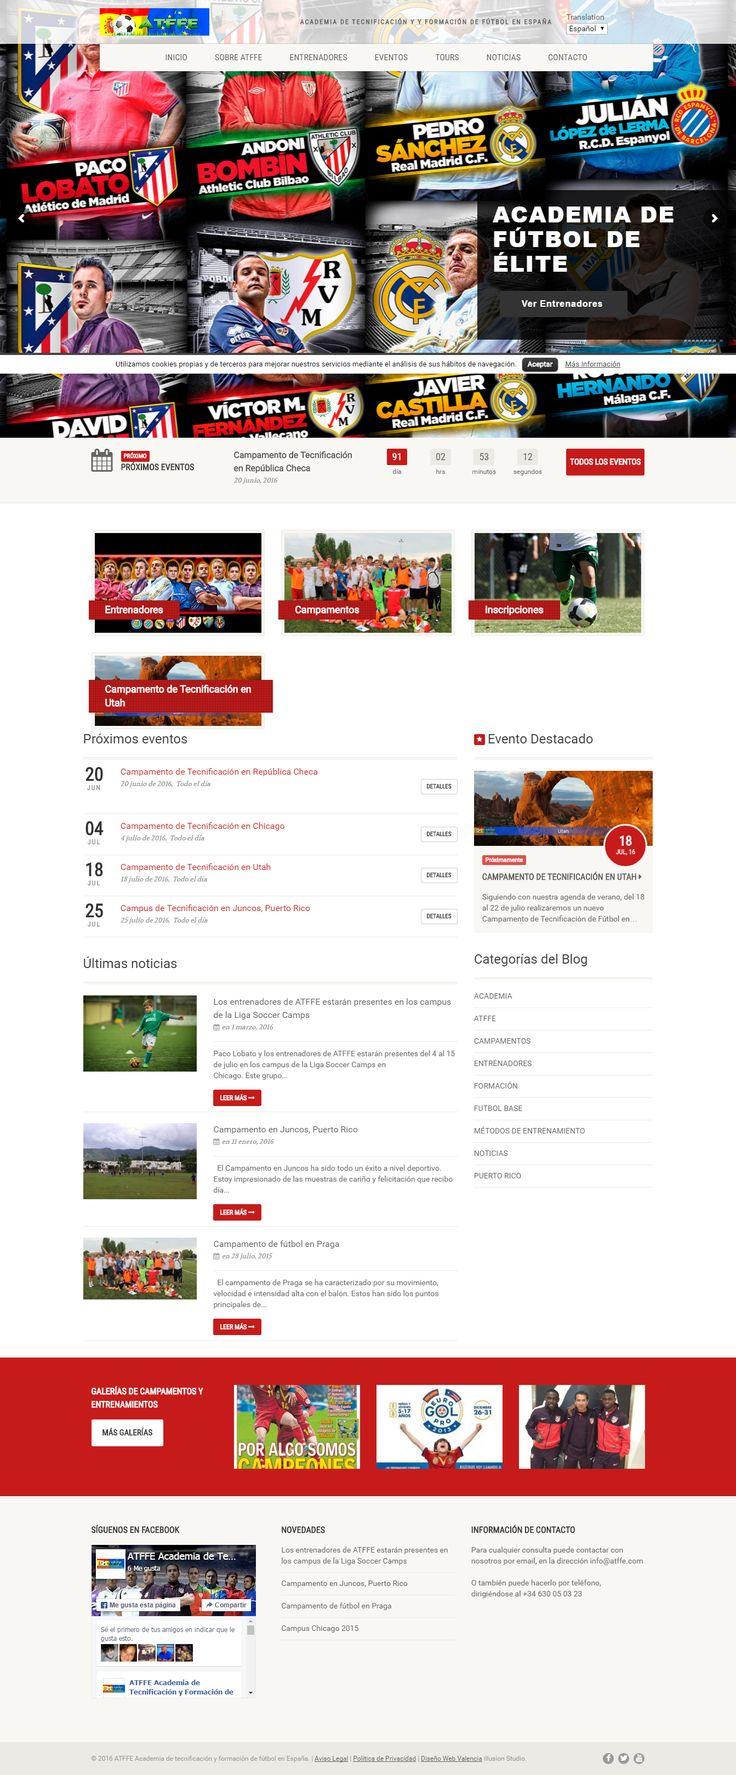 Diseño de la página web de ATFFE, Academia de Tecnificación y Formación de Fútbol de España.  La página web se compone de varias secciones (quiénes somos, contacto, noticias) entre las que destaca una sección de eventos con información detallada e integrada en diferentes espacios del portal y una galería con sus entrenadores.